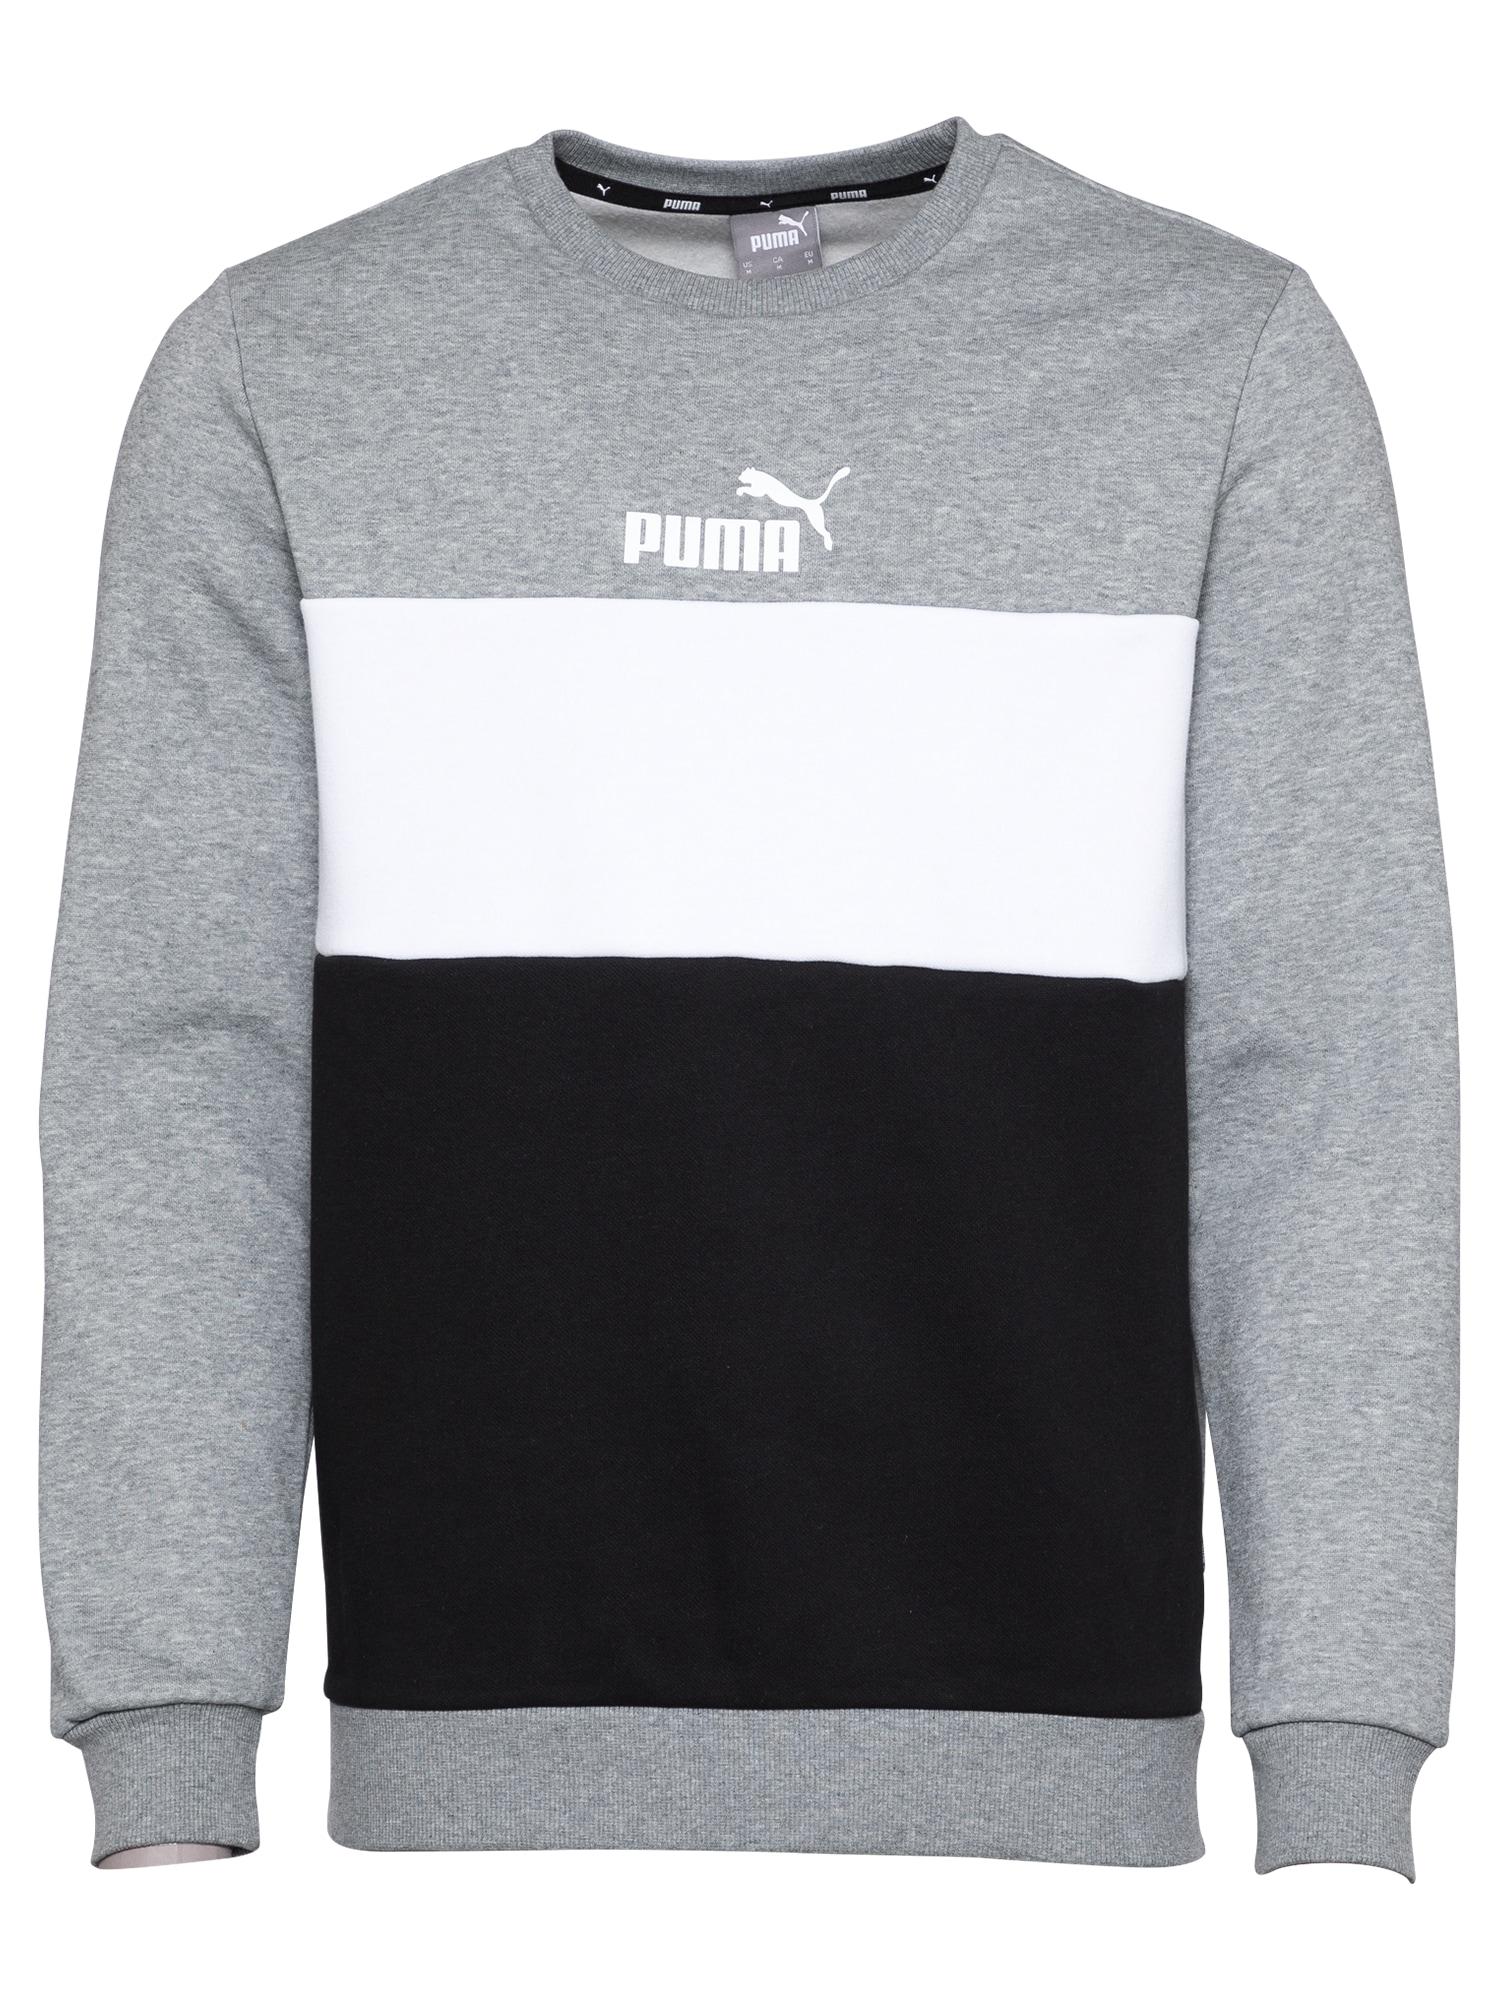 PUMA Sportinio tipo megztinis margai pilka / balkšva / juoda